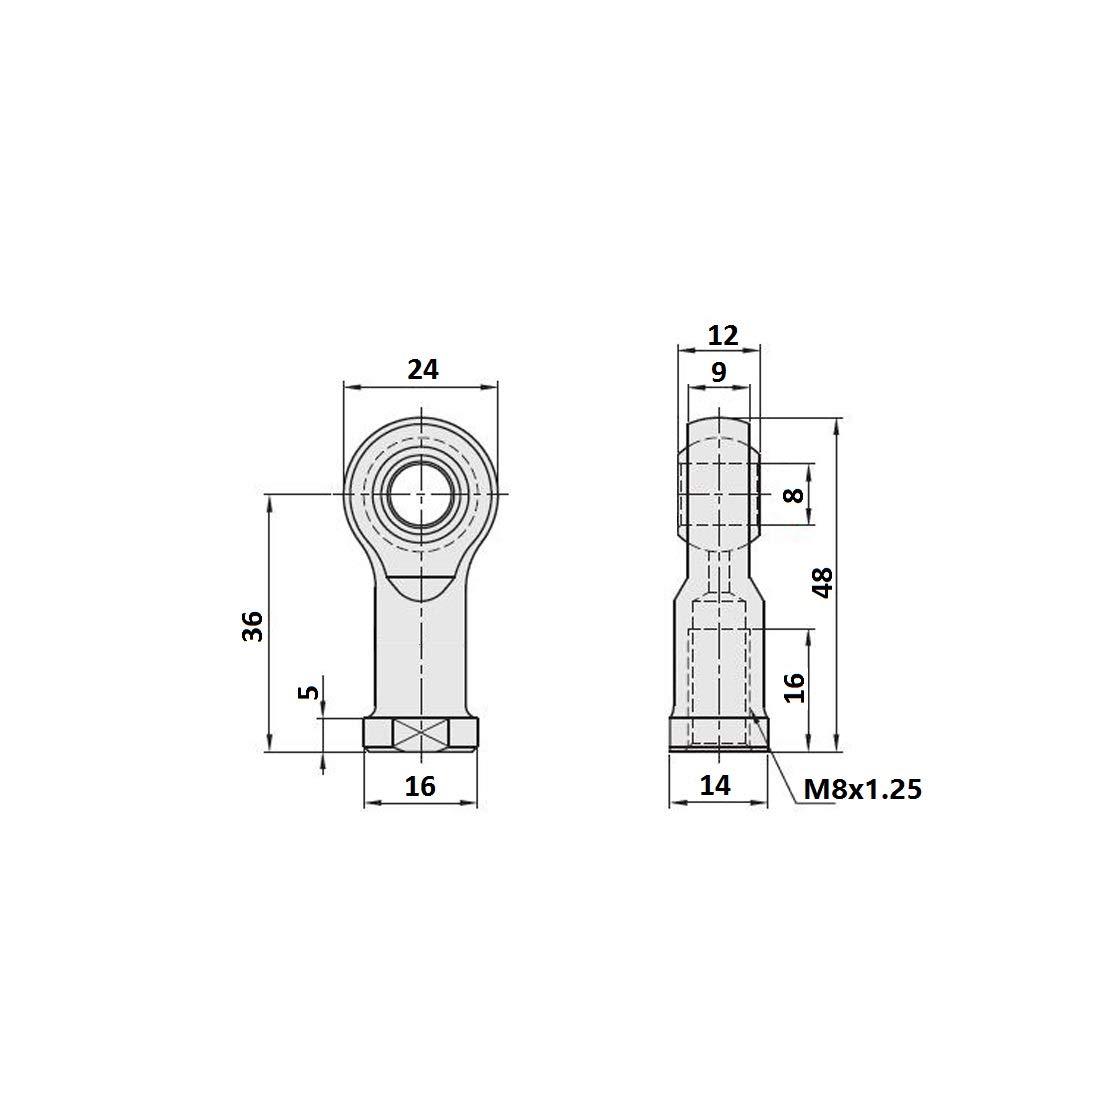 K 1 paquete Articulaciones R/ótula Rosca Mano Derecha Hembra SI5T sourcing map Rodamiento Extremo Barra